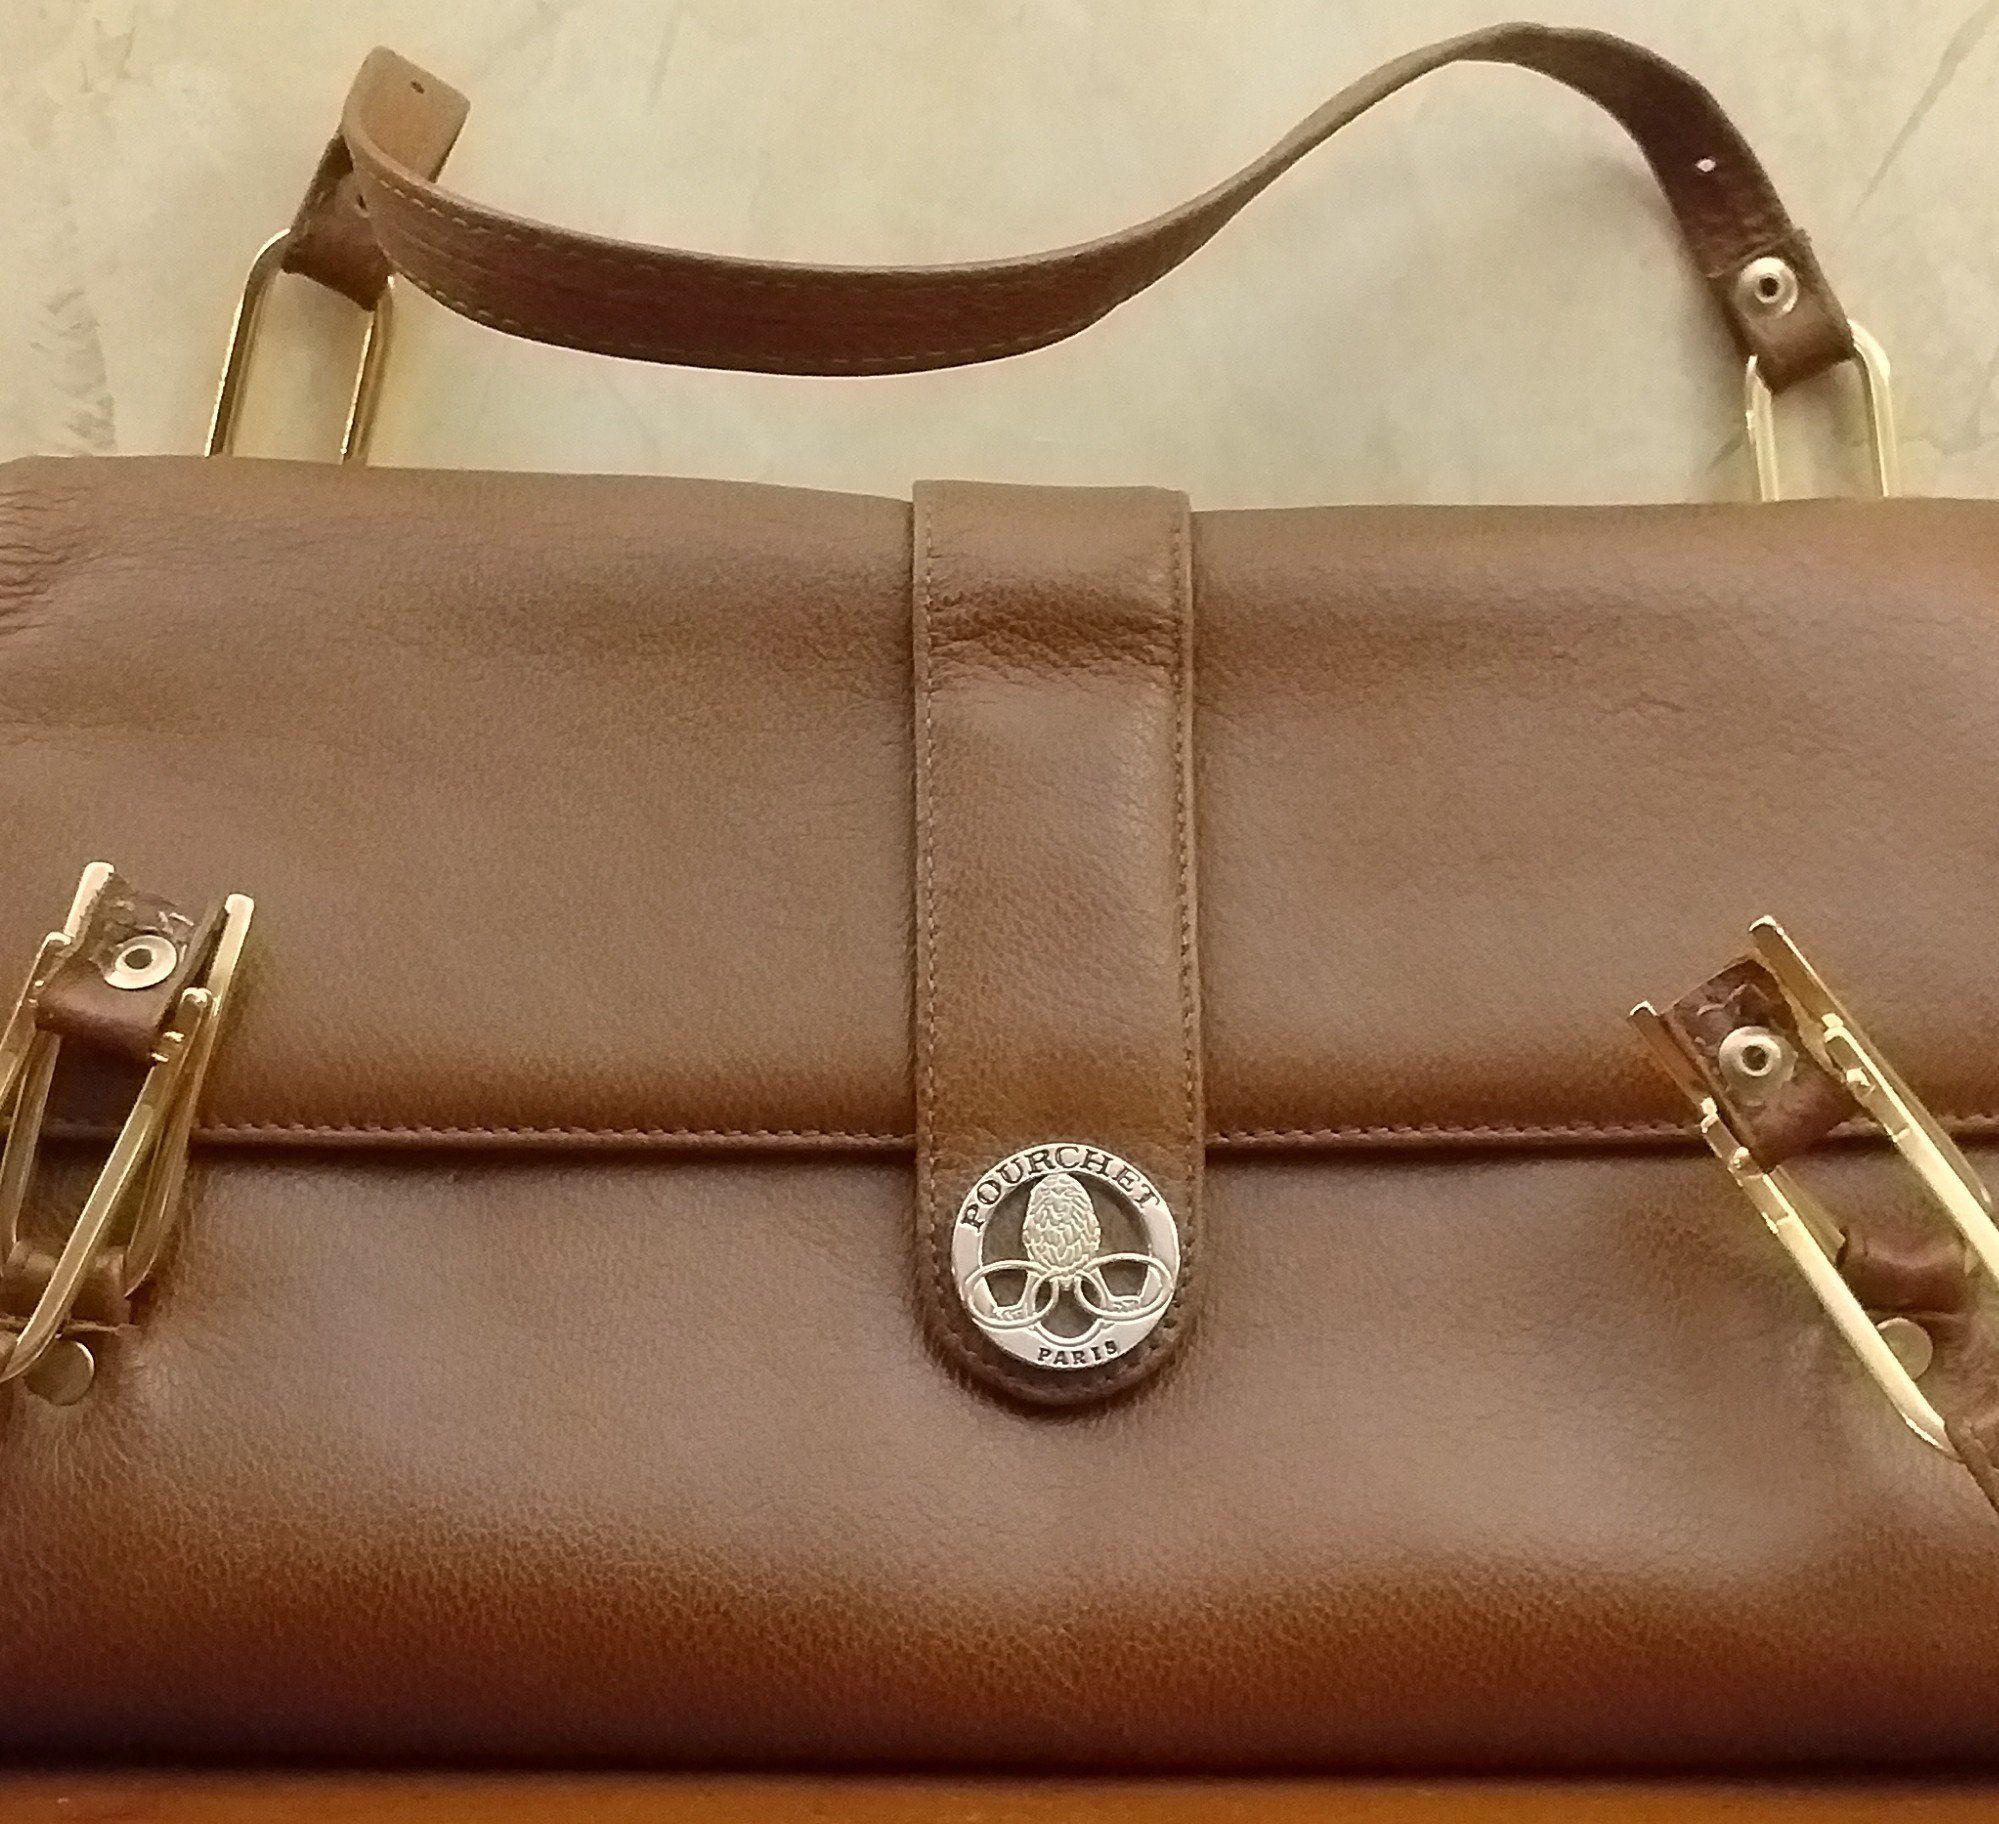 5f7a266992 Pourchet, sac cuir brun, marque POURCHET, vintage, parfait état,Paris,